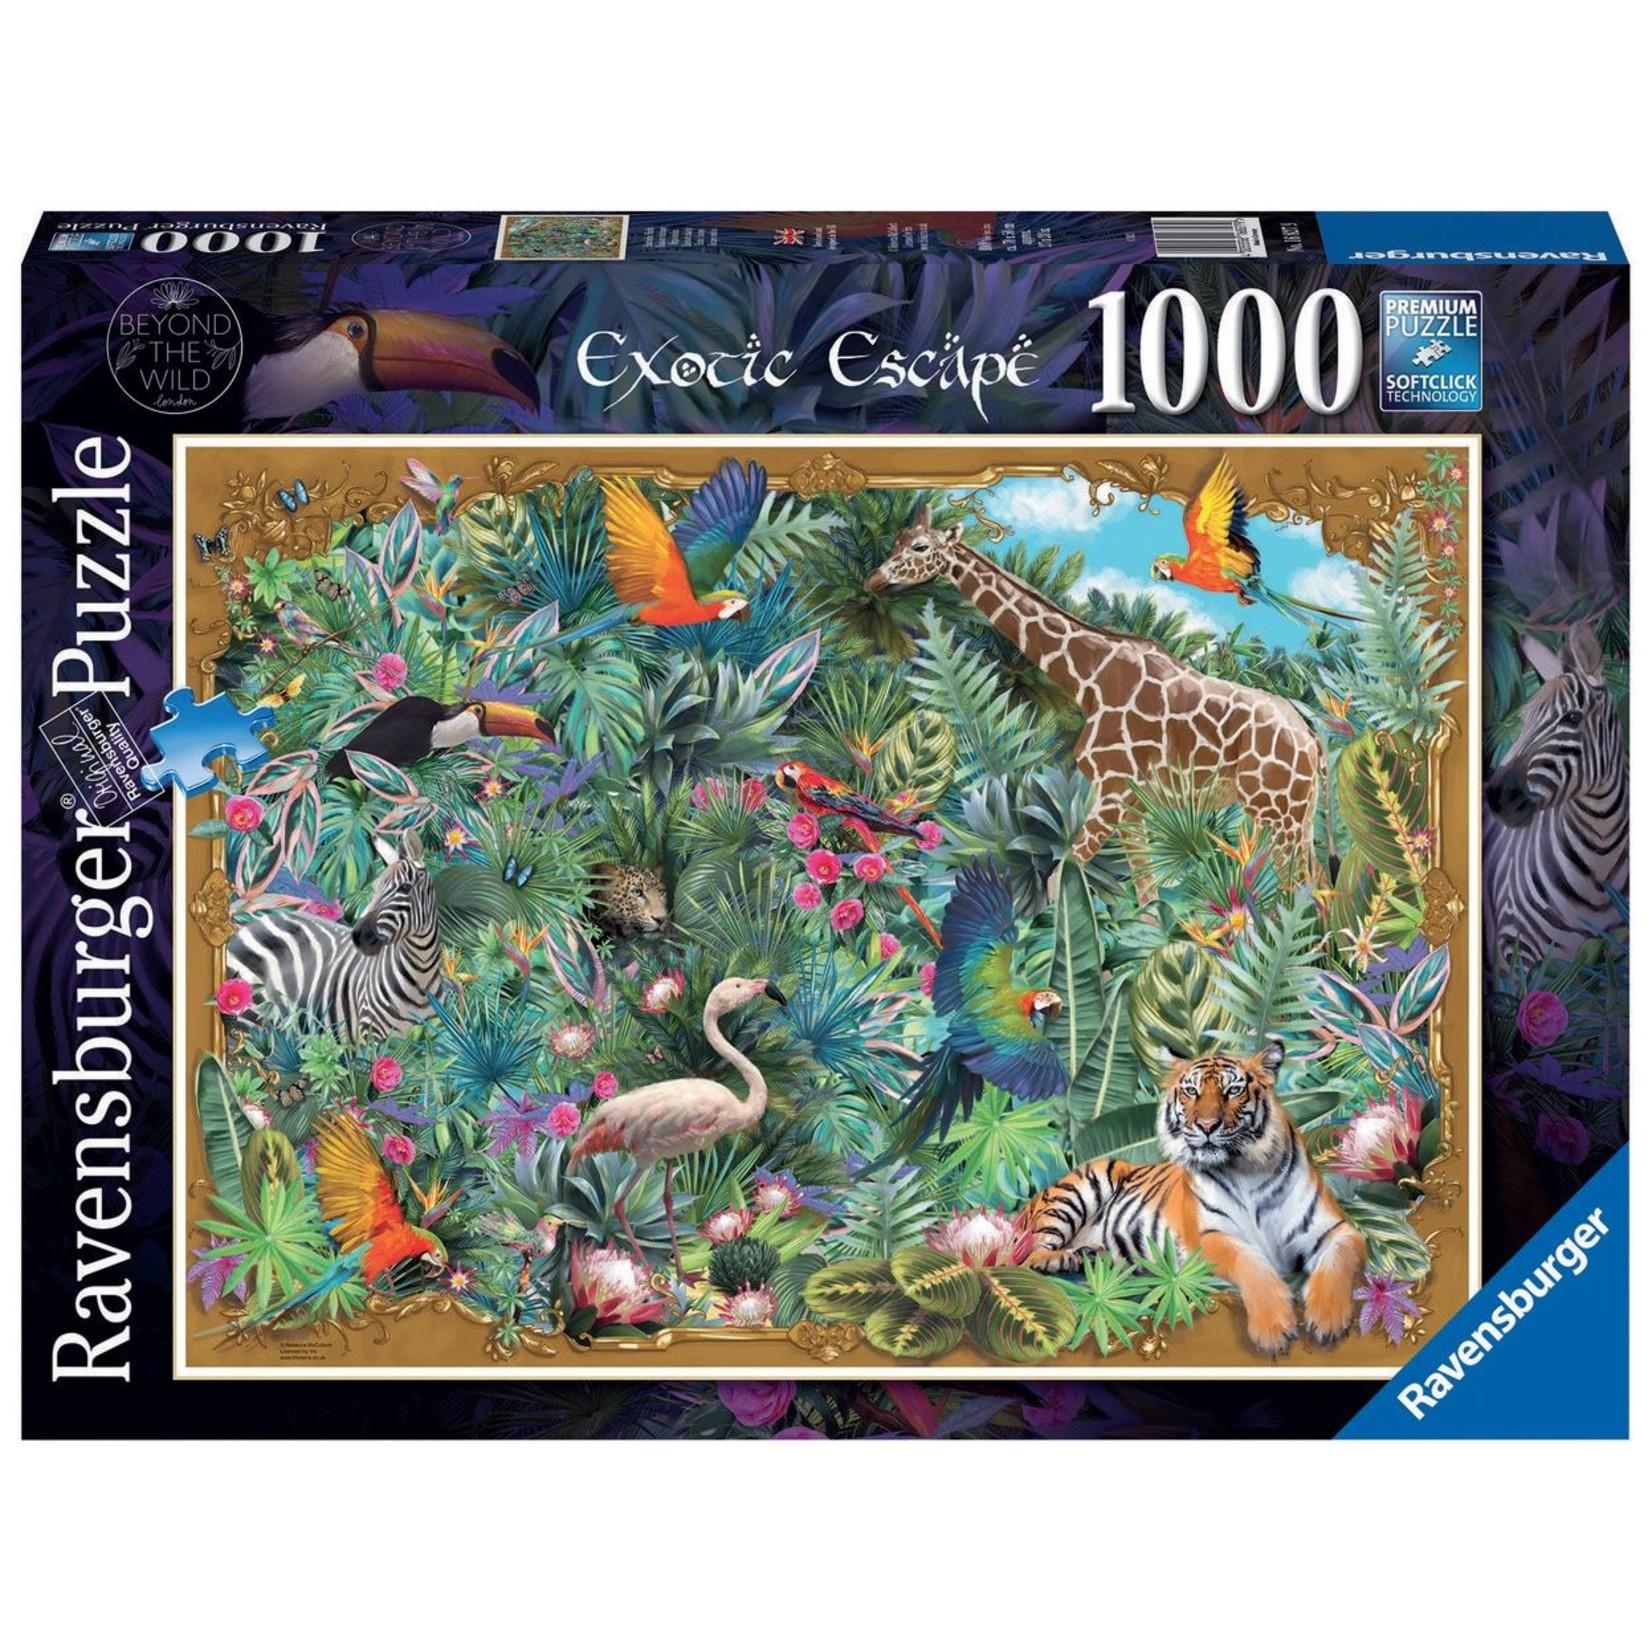 Ravensburger Exotic Escape 1000pc